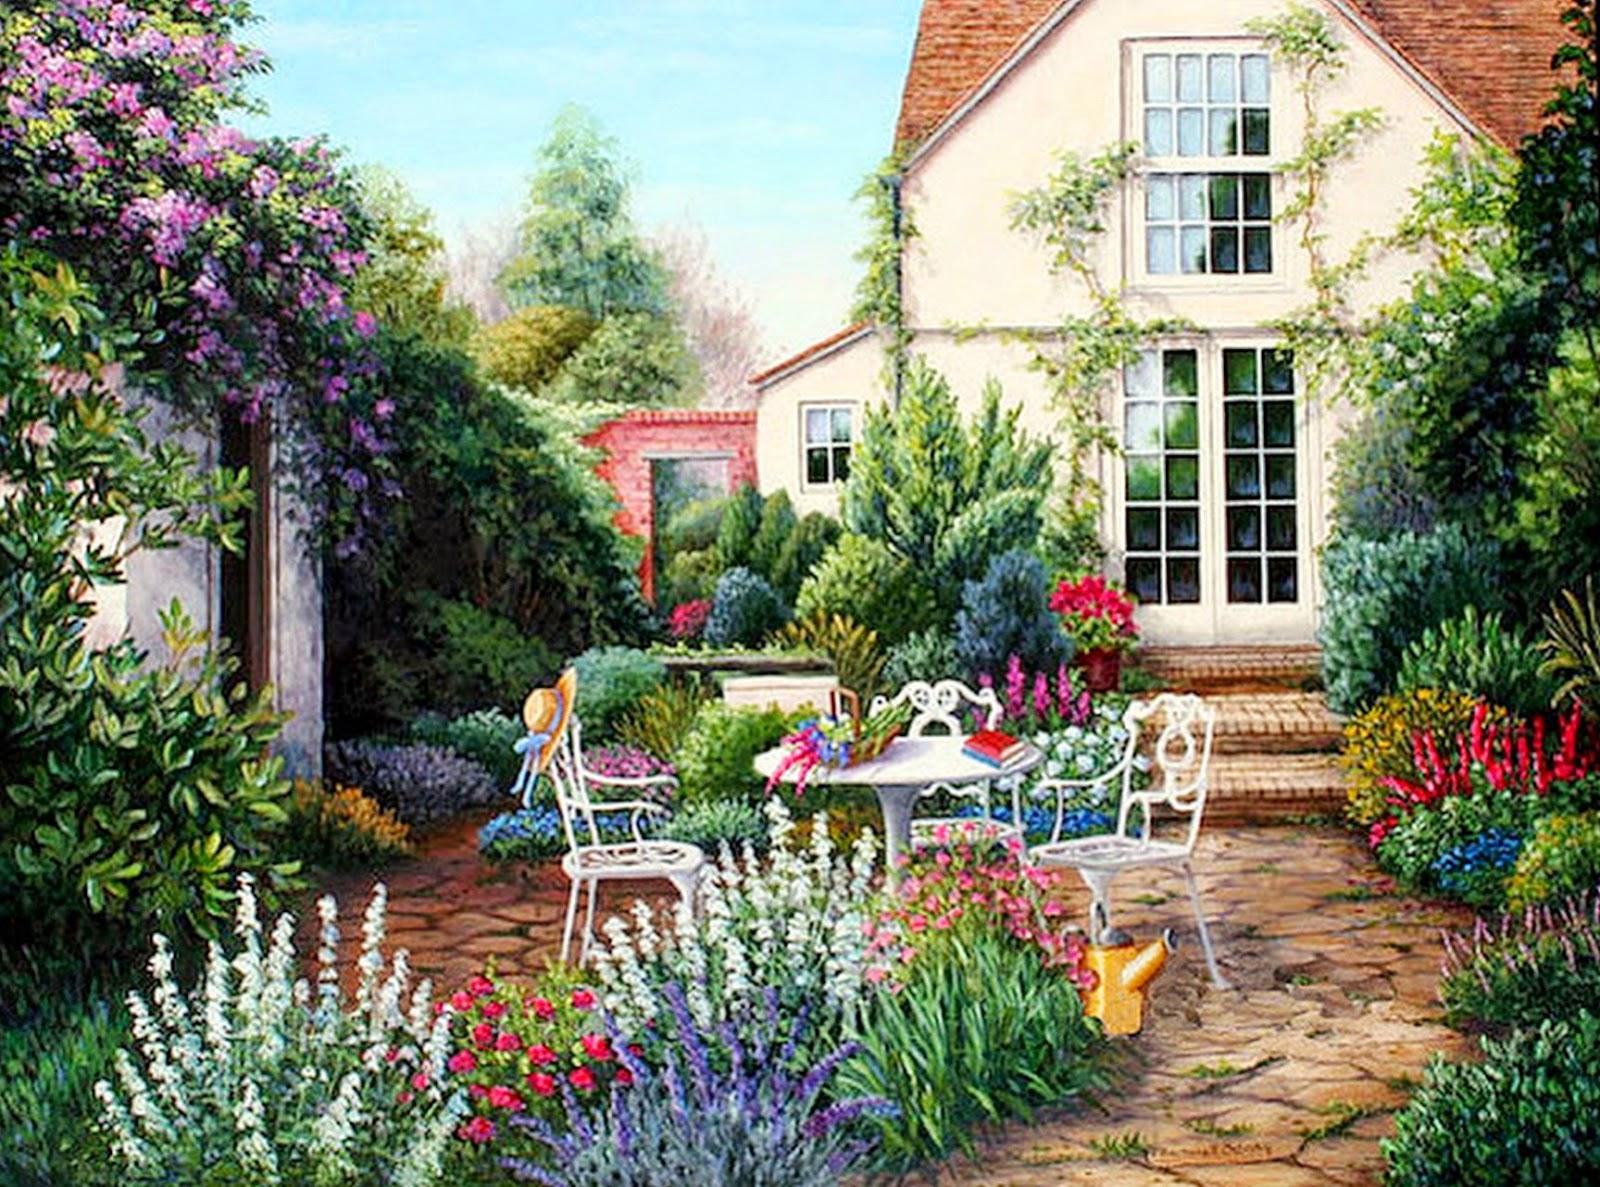 Im genes arte pinturas paisajes con jardines y flores for Casas jardin del mar